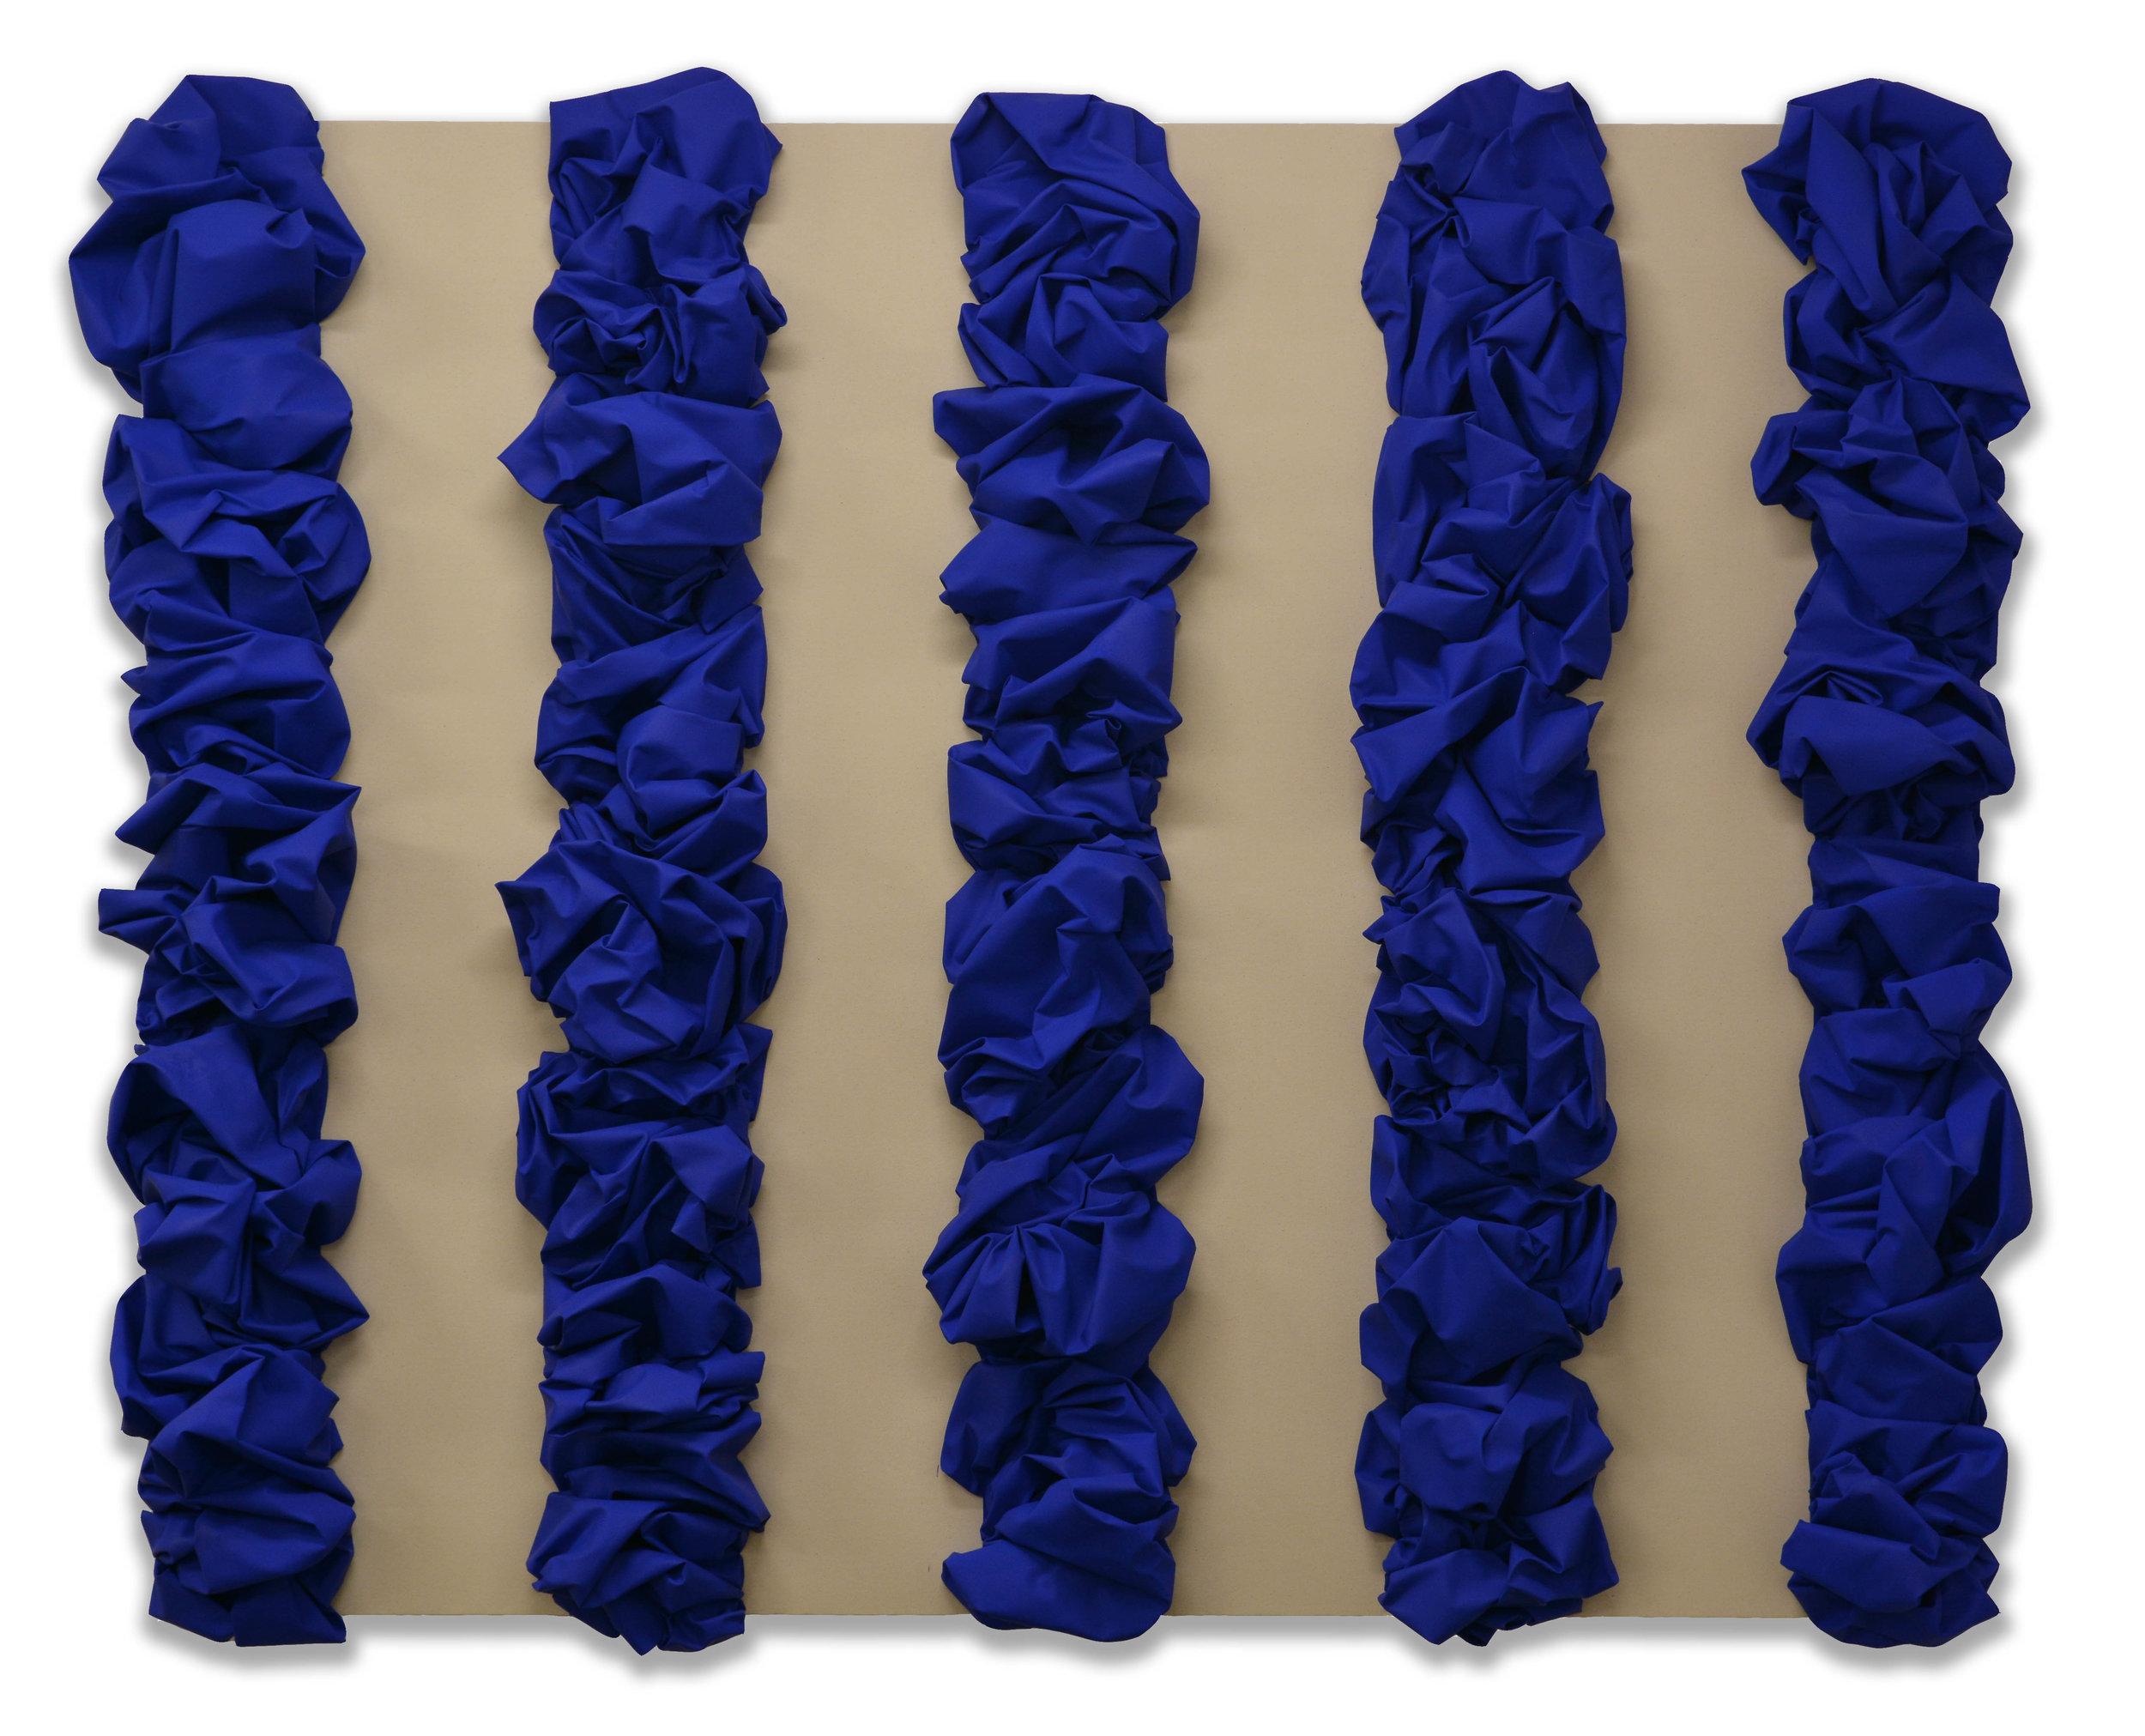 Cobalt - Raw - Cobalt  - 2018  Bomboletta spray su tela, applicata su tela di cotone grezza, stesa su tavola  180 x 220 cm